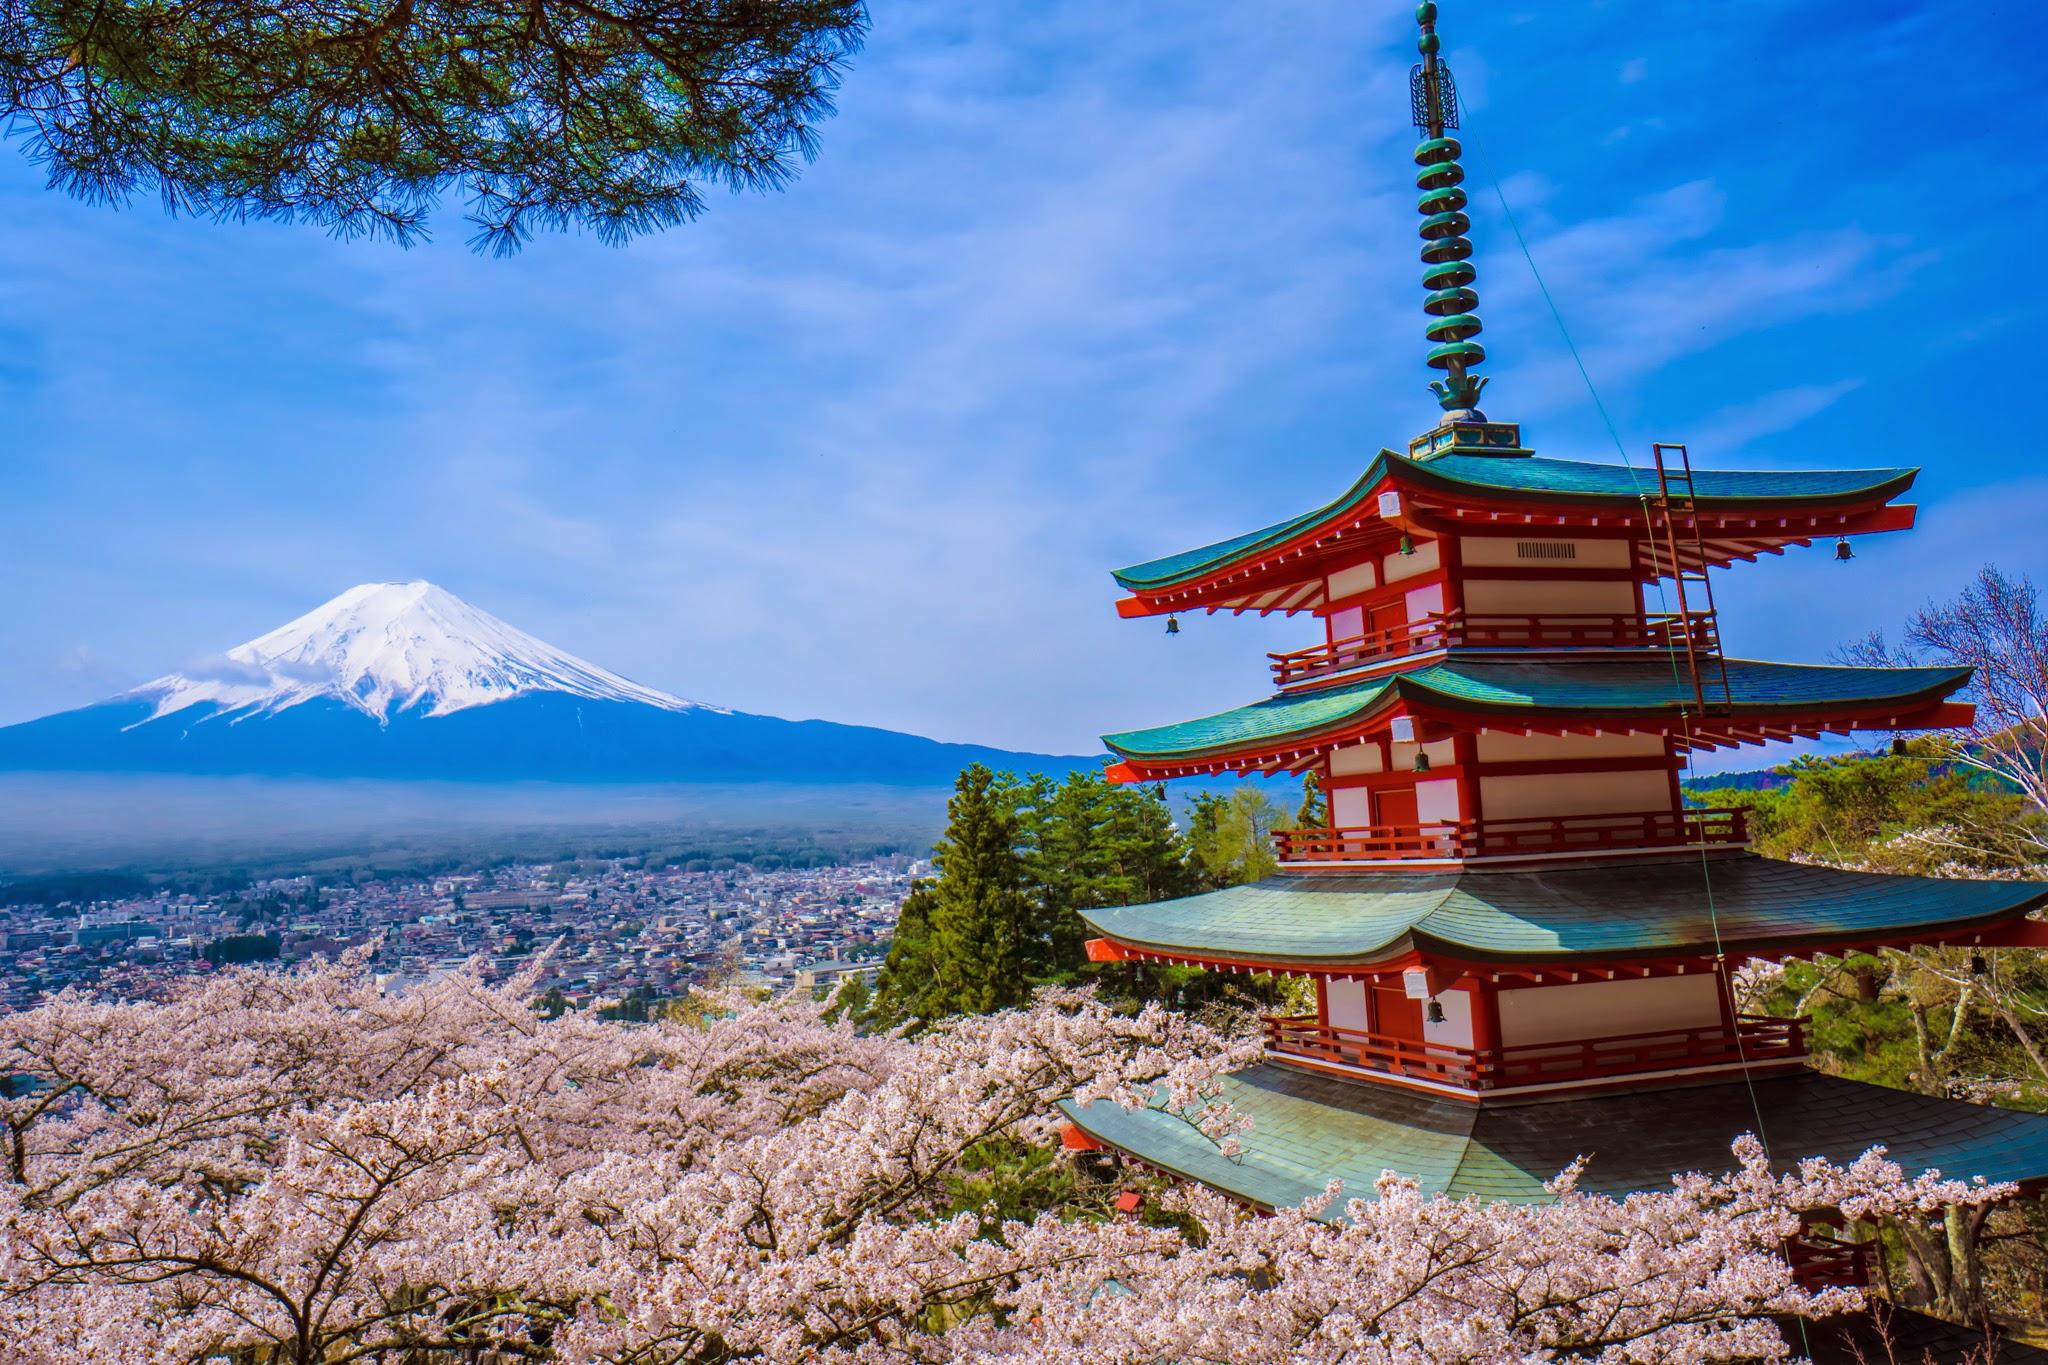 新倉富士浅間神社 アイキャッチ画像